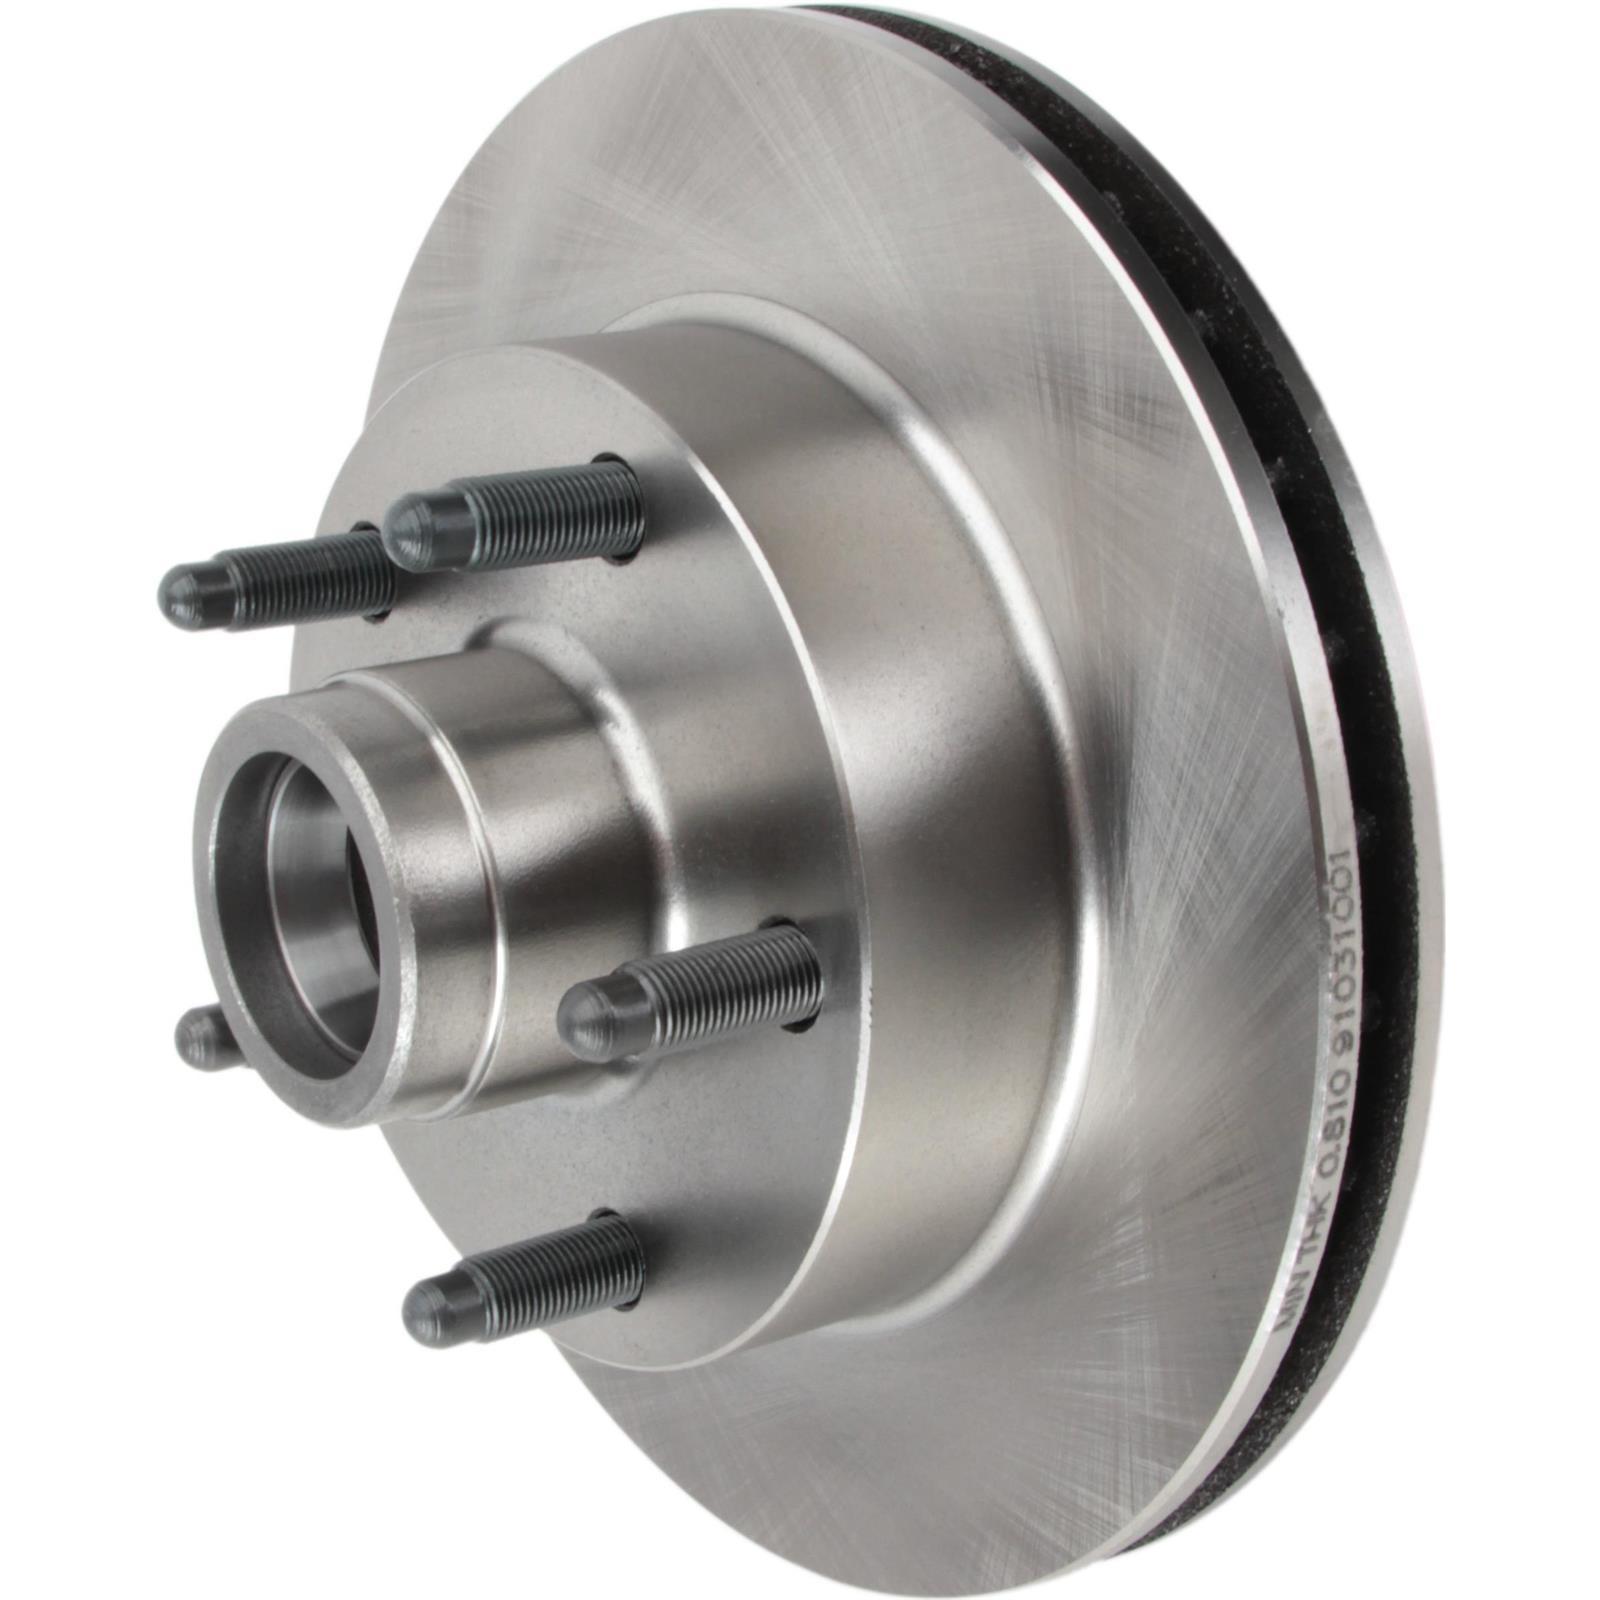 Car Disc Brakes Diagram Mustang Ii Disc Brake Rotor 5 On 4 1 2 Inch Of Car Disc Brakes Diagram